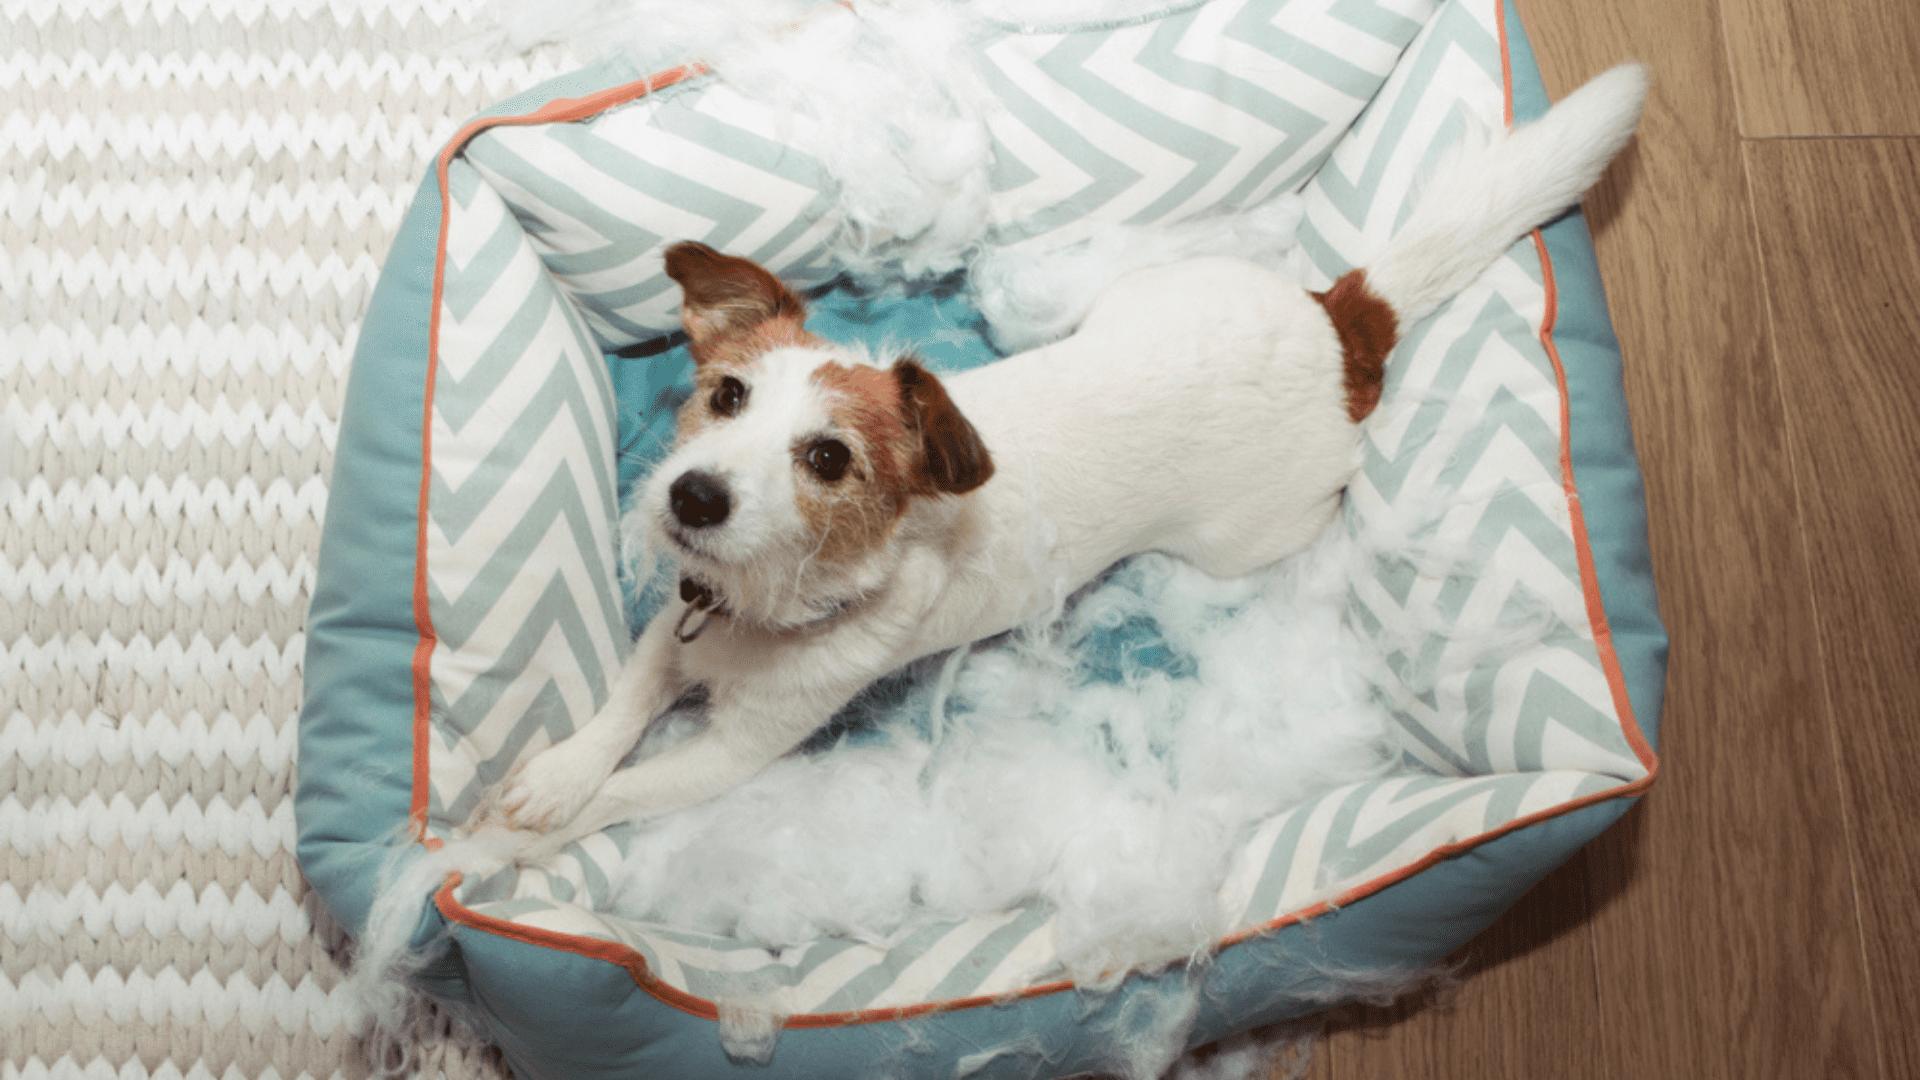 É importante que as camas sejam feitas com componentes atóxicos e hipoalergênicos (Reprodução/Shutterstock)